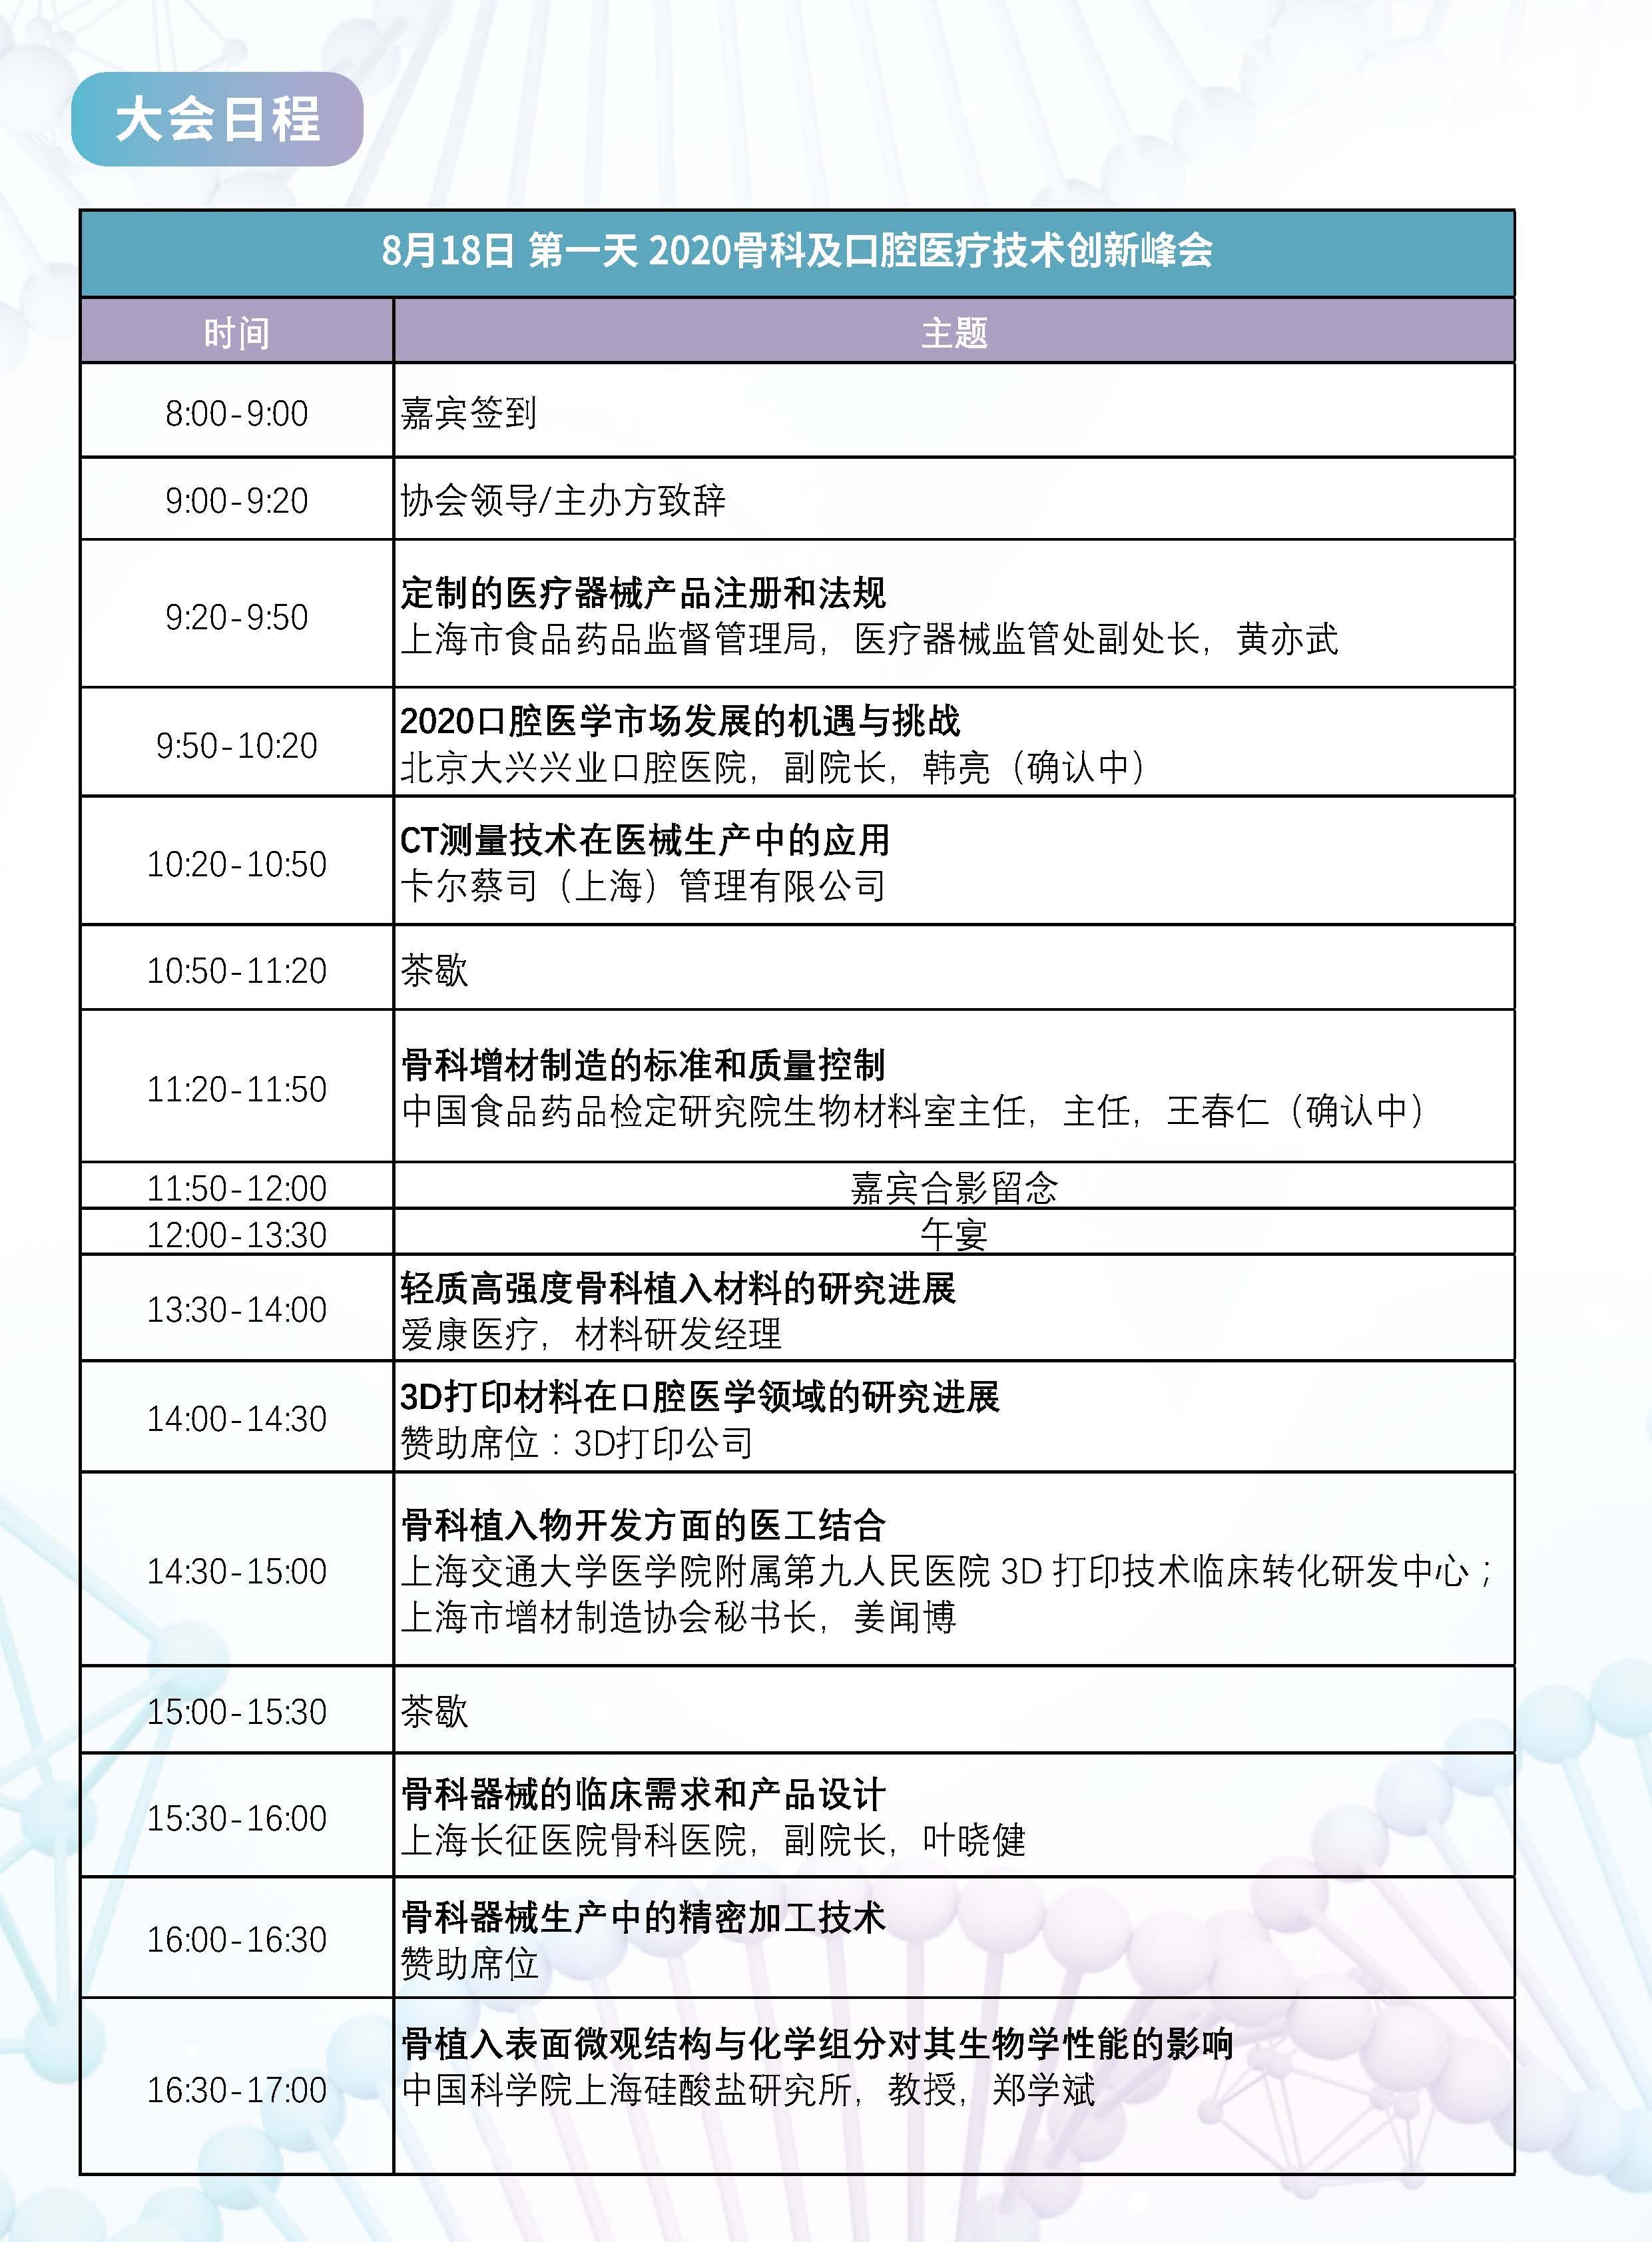 2020(第十届)植入介入医疗器械创新峰会